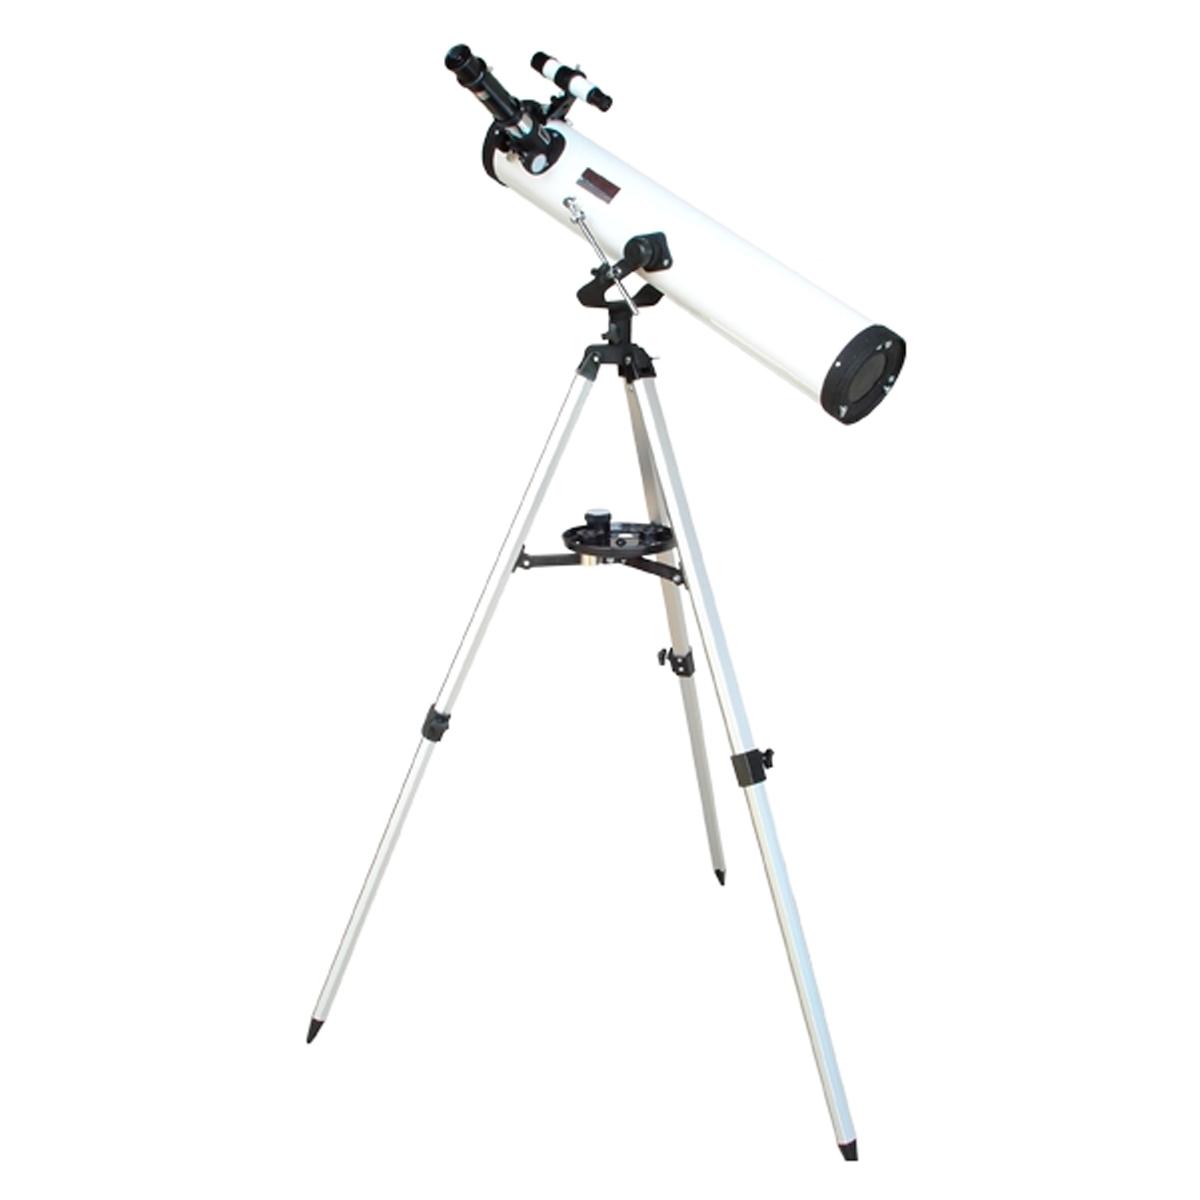 F70076TX - Telescópio 76mm c/ Tripé F700 76TX - CSR